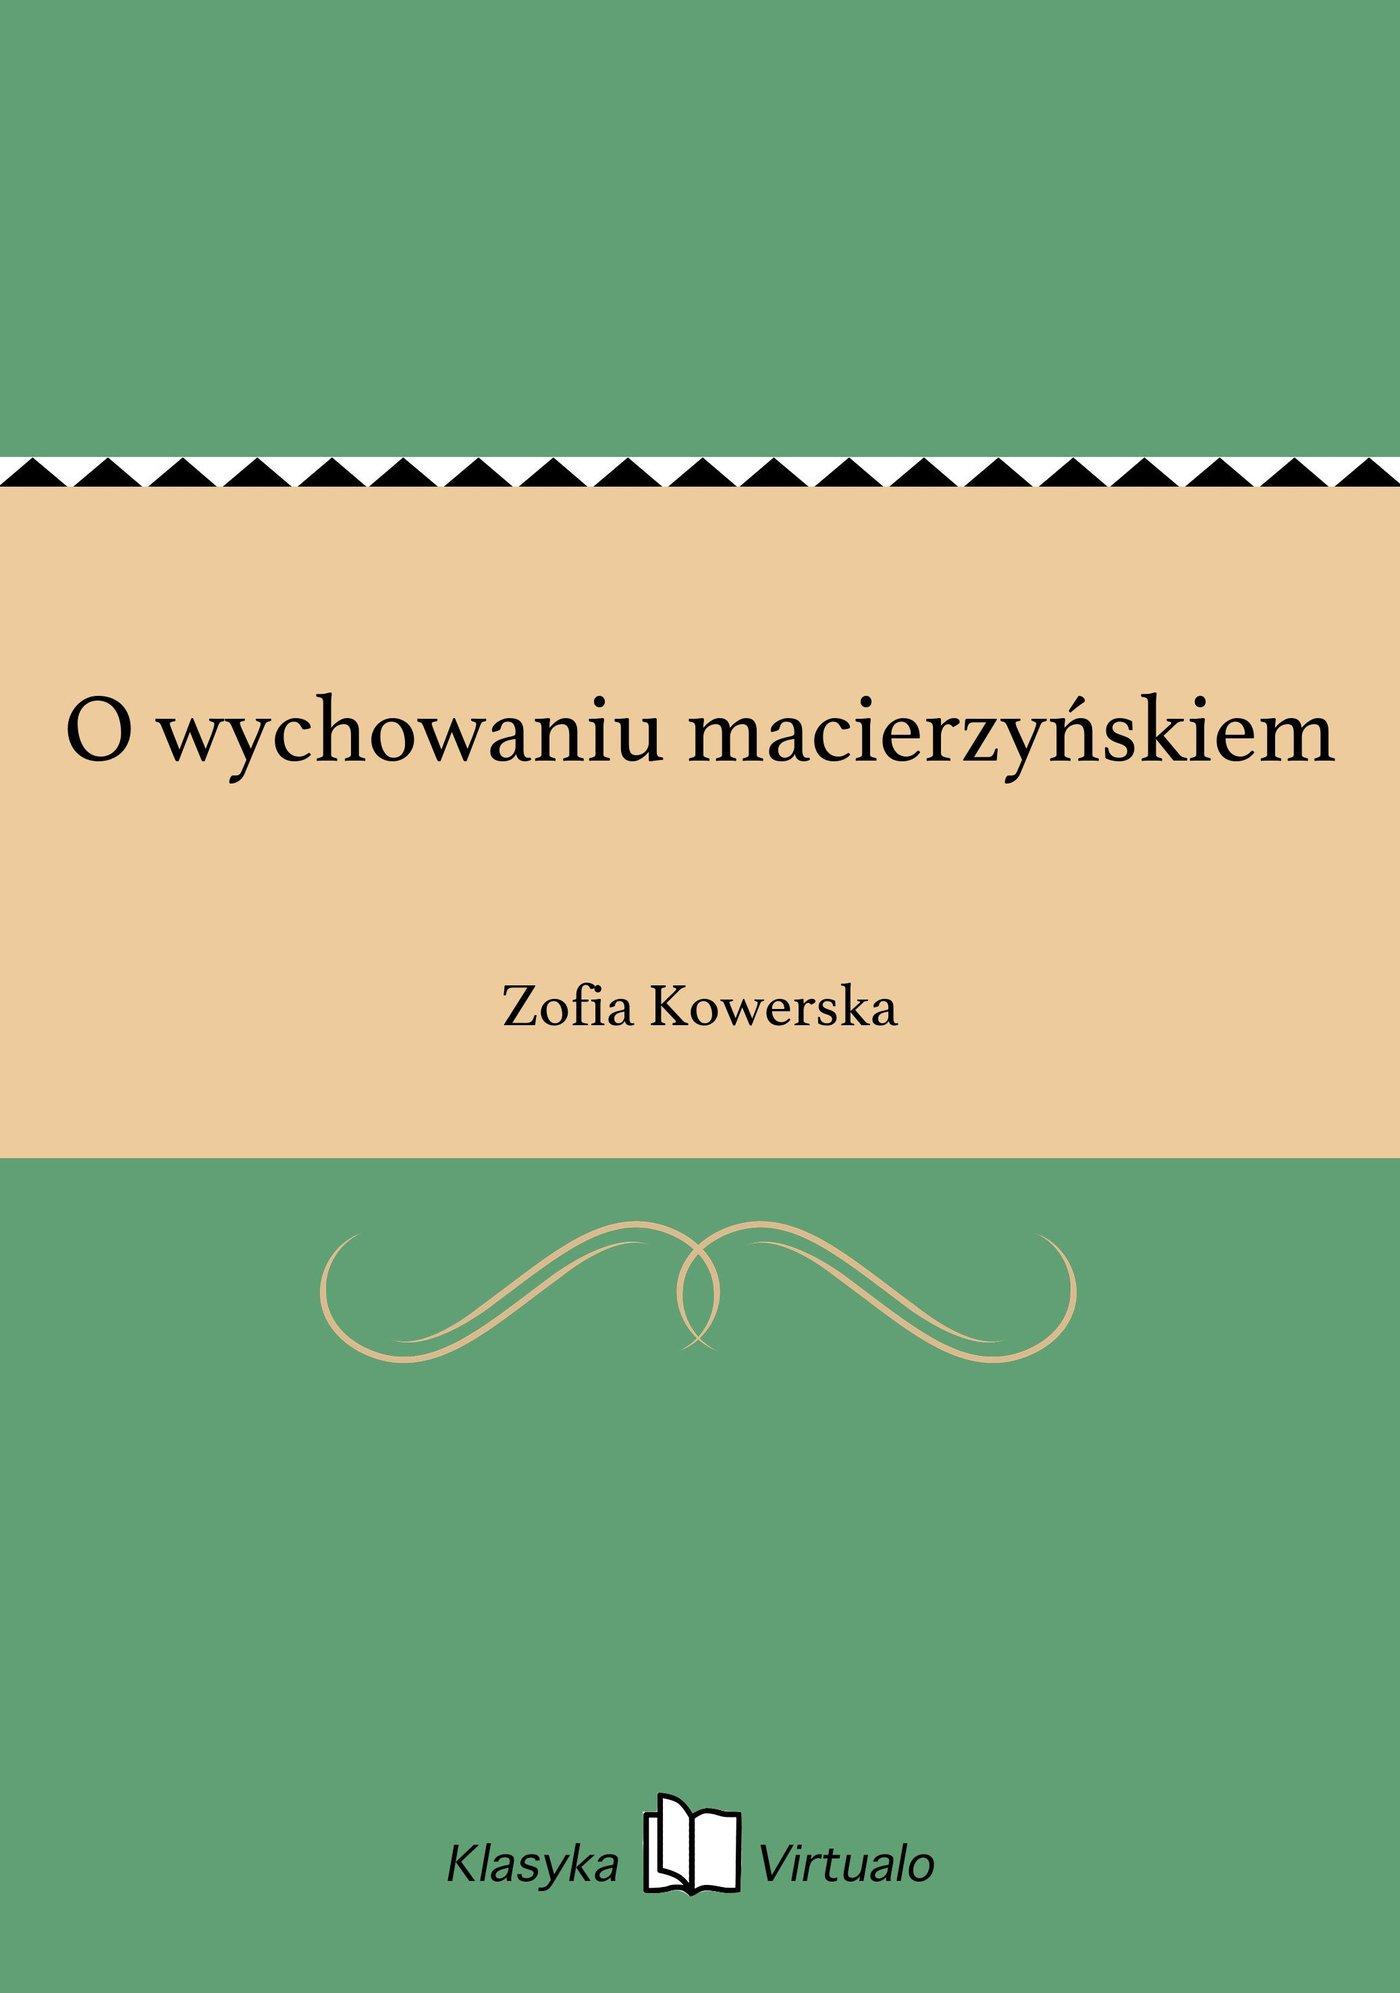 O wychowaniu macierzyńskiem - Ebook (Książka na Kindle) do pobrania w formacie MOBI